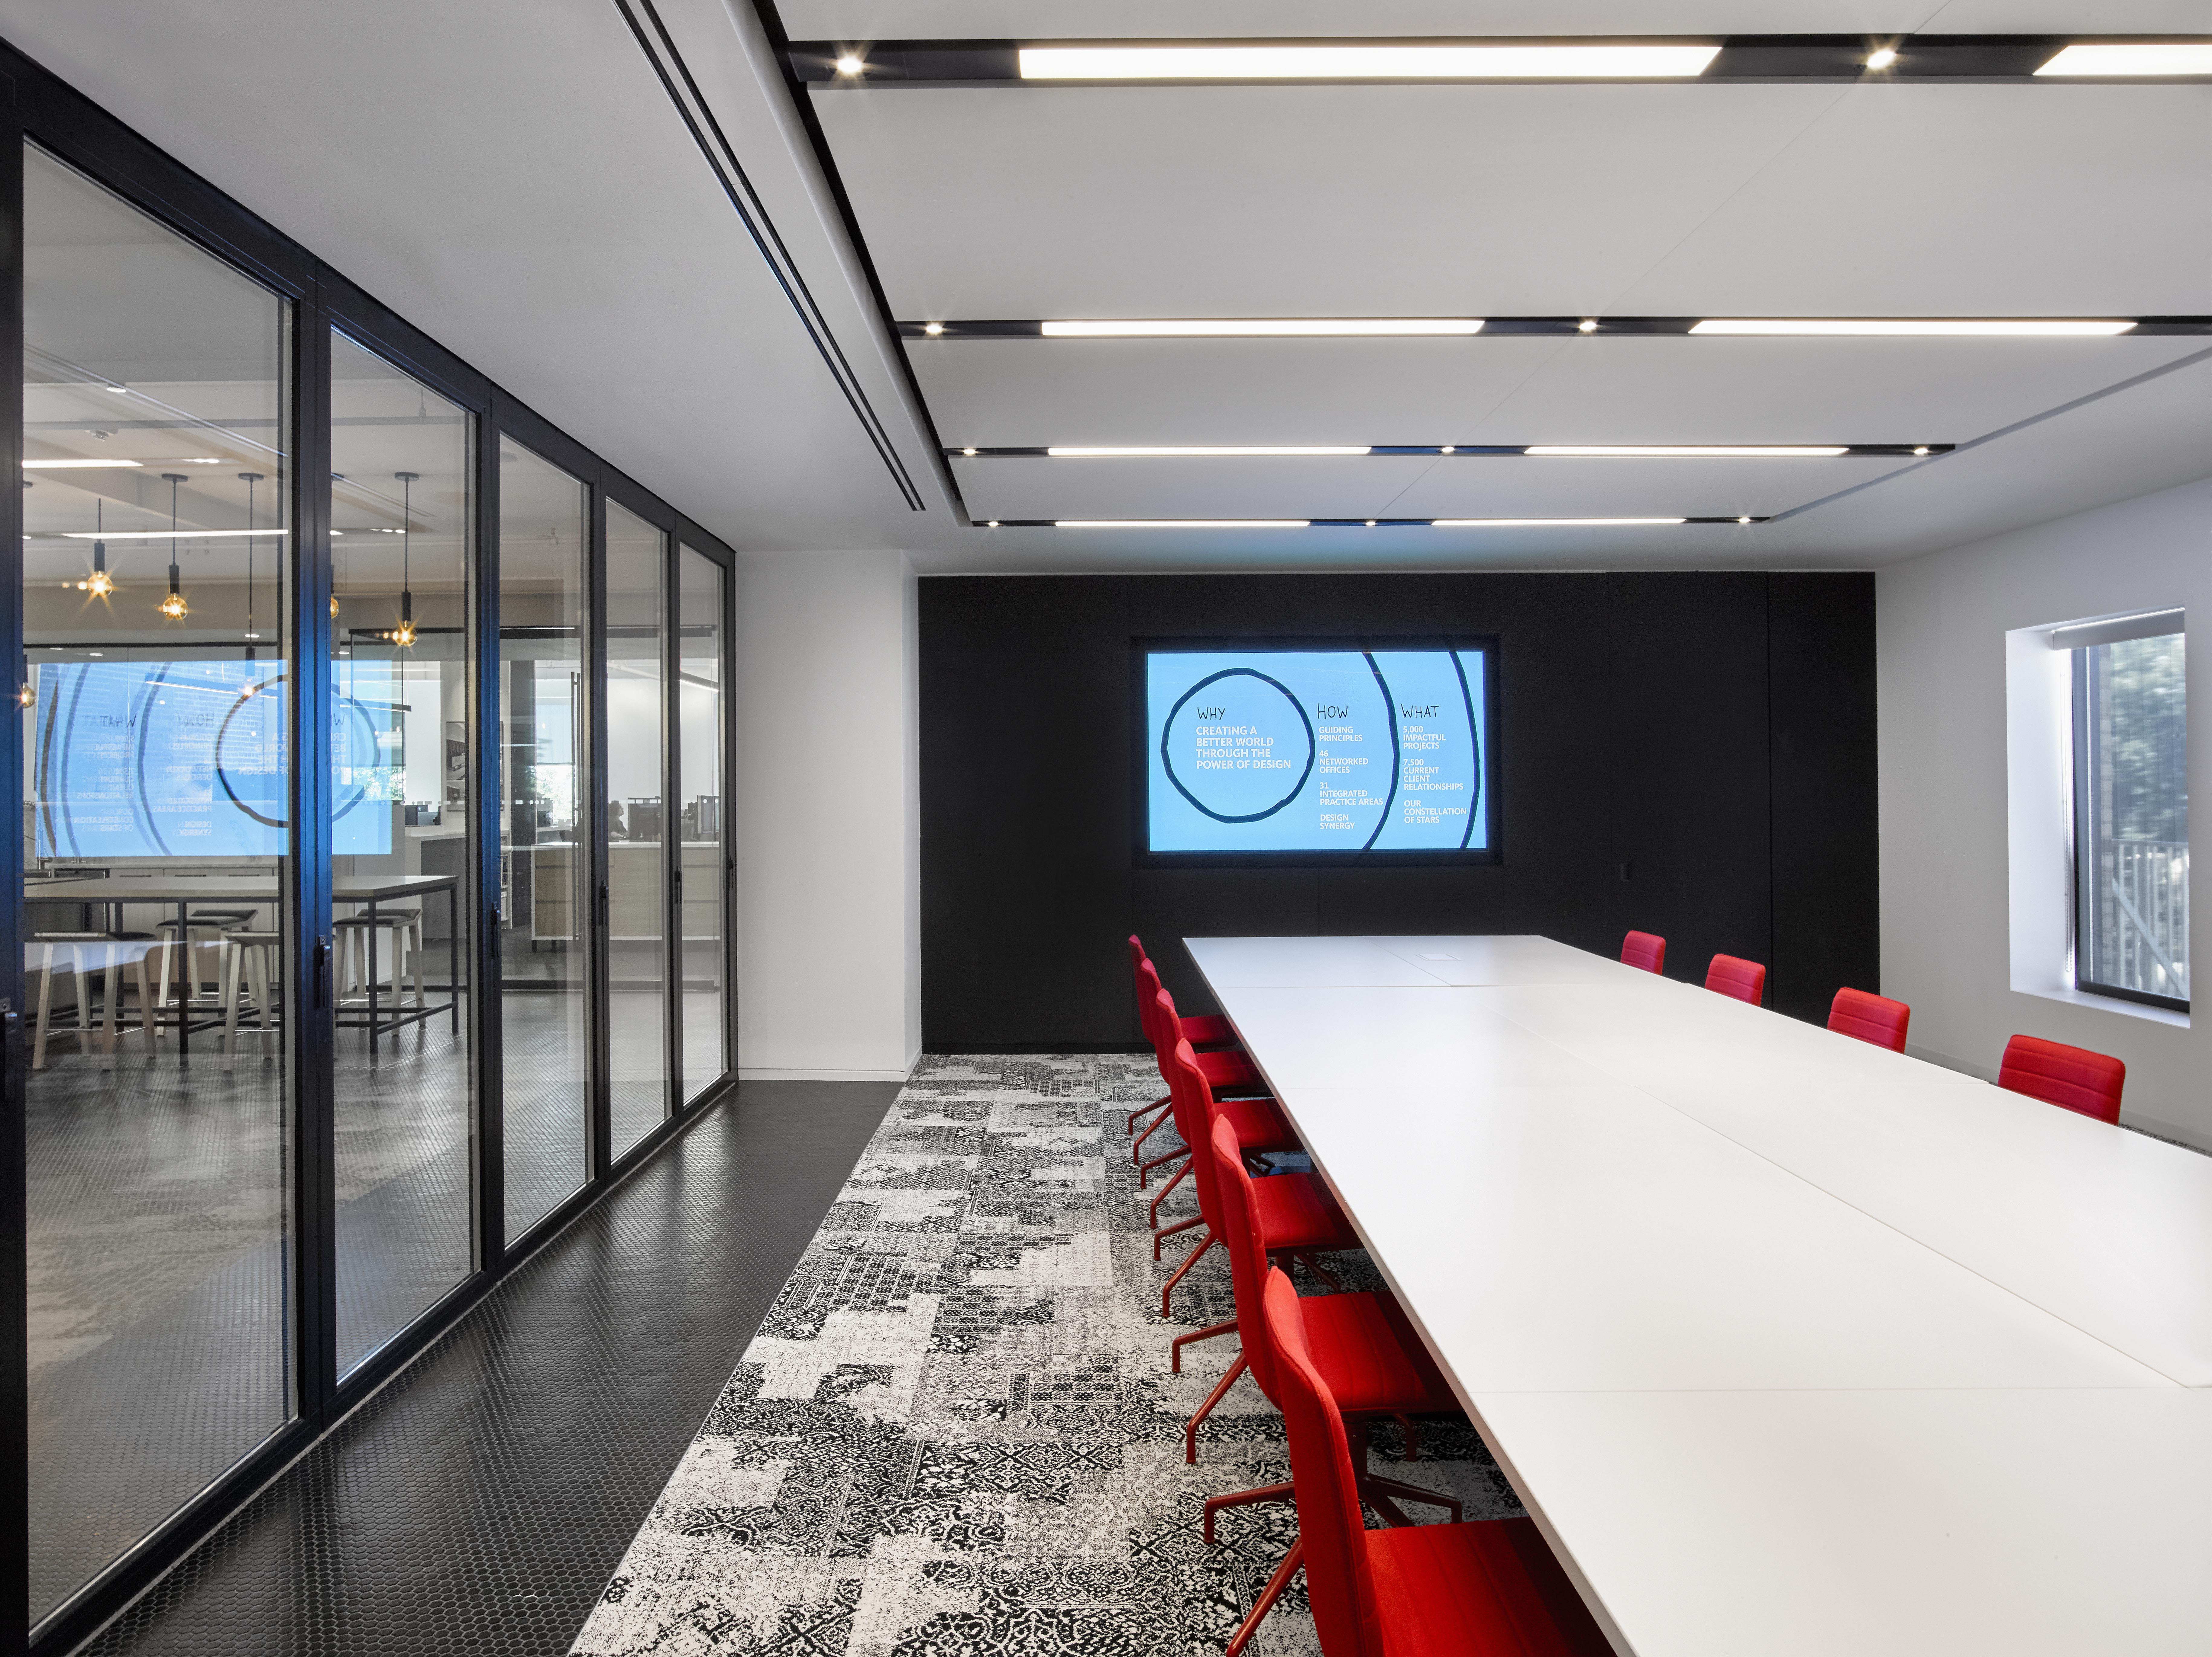 gensler revamps office using nanawall sliding glass walls nanawall